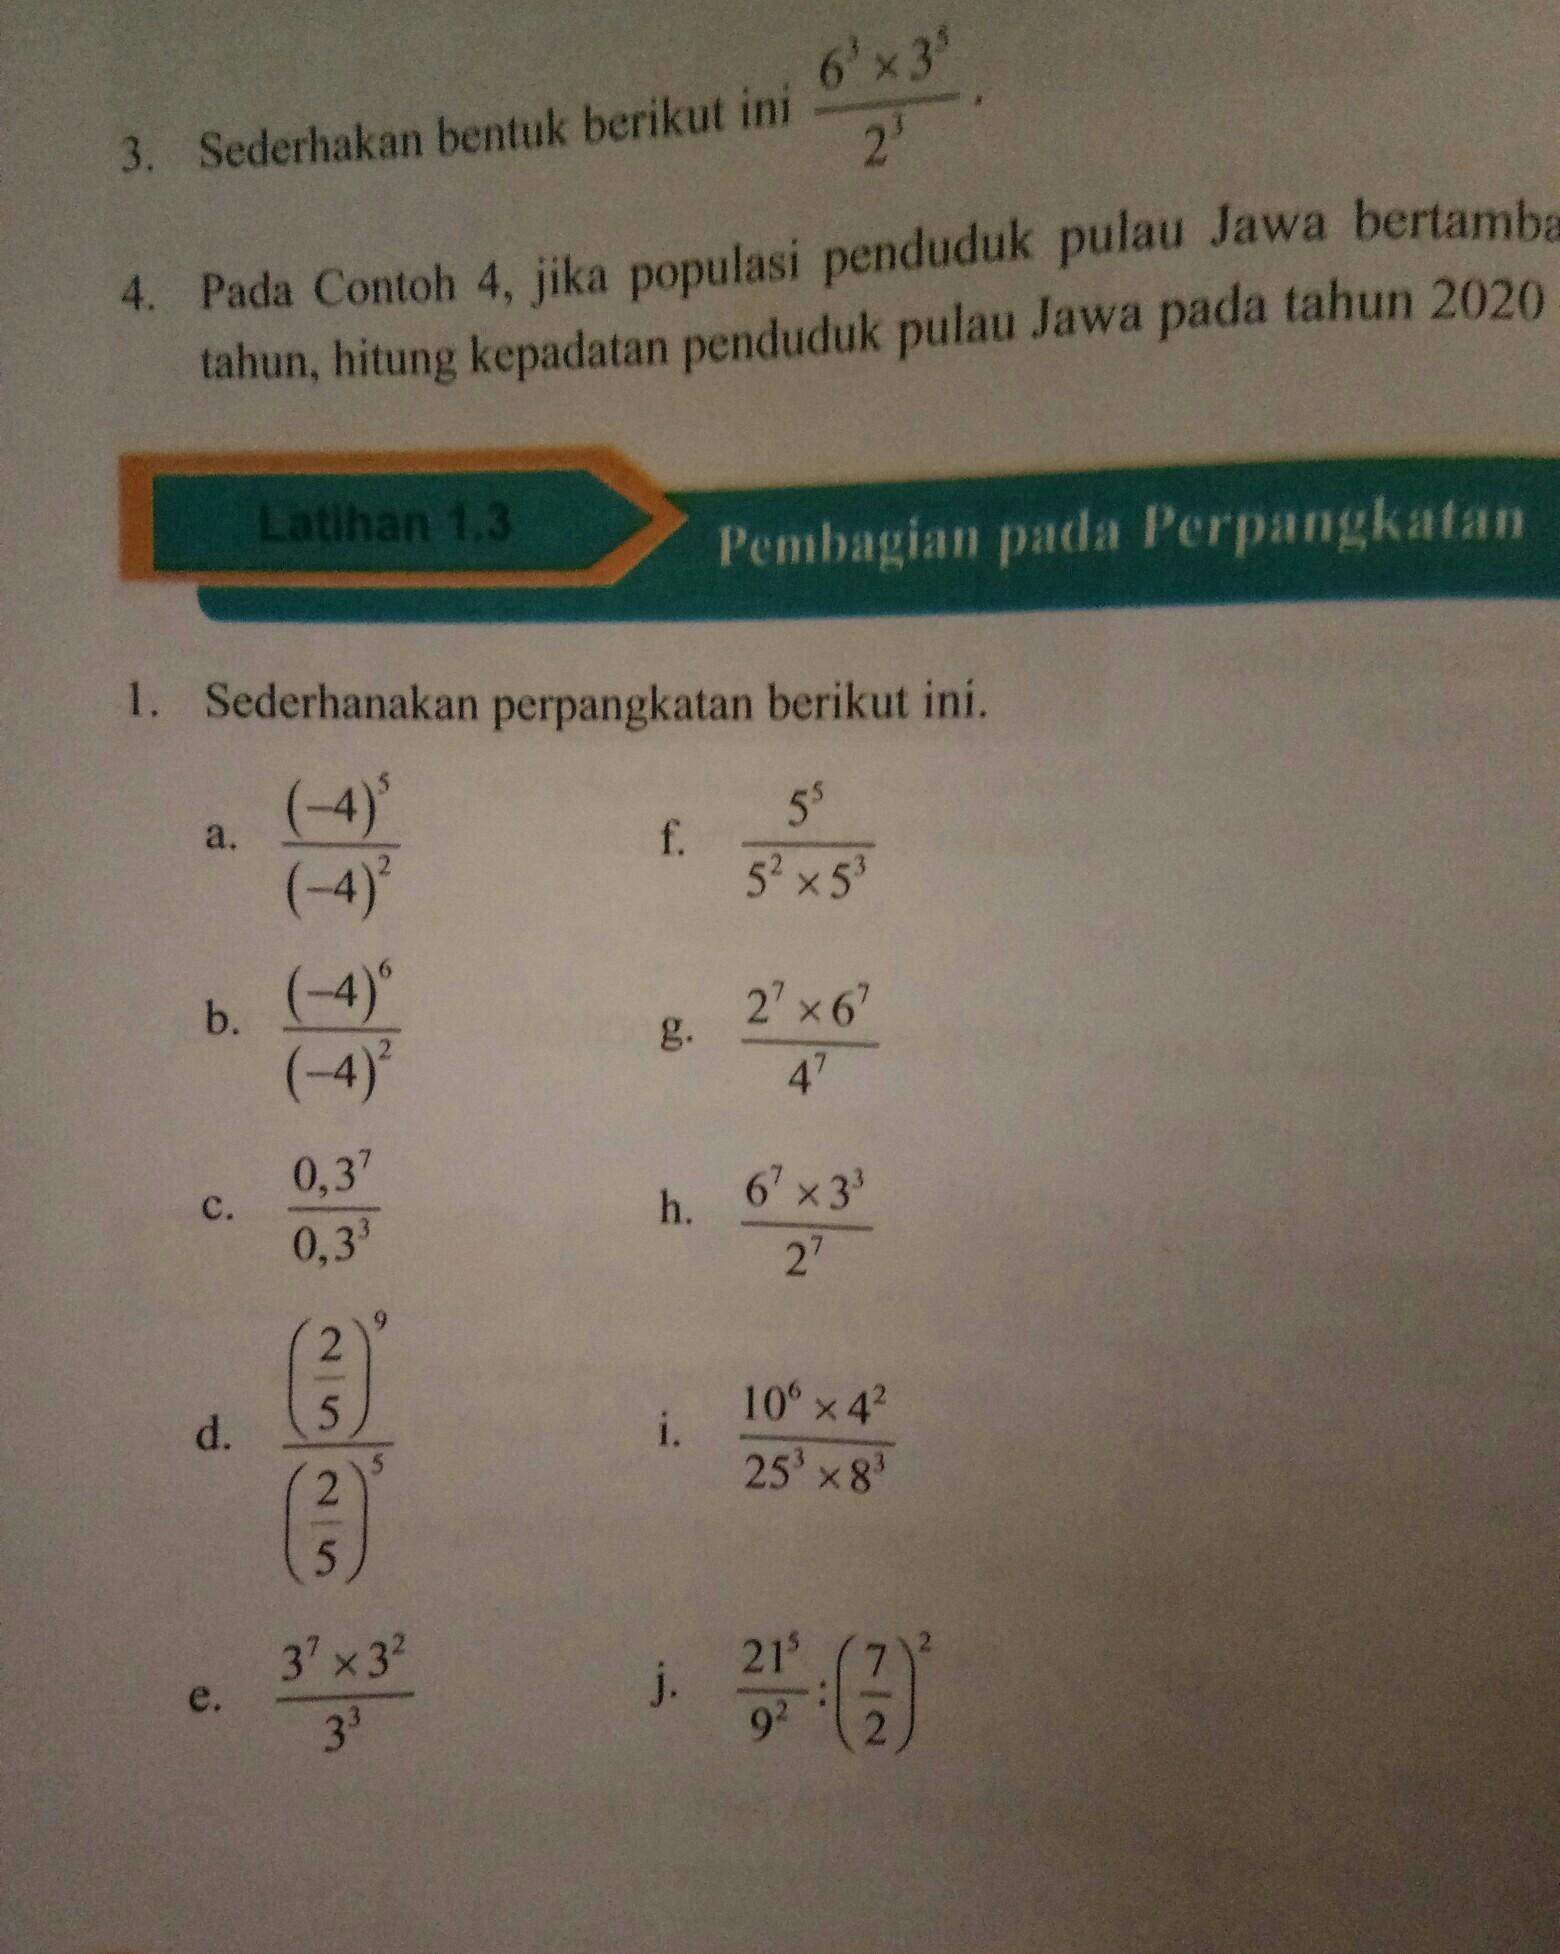 Sederhanakan Perpangkatan Berikut Ini Latihan 1.2 Kelas 9 : sederhanakan, perpangkatan, berikut, latihan, kelas, Latihan, Pembagian, Perpangkatan, Sederhanakan, Berikut, .bagian, Brainly.co.id